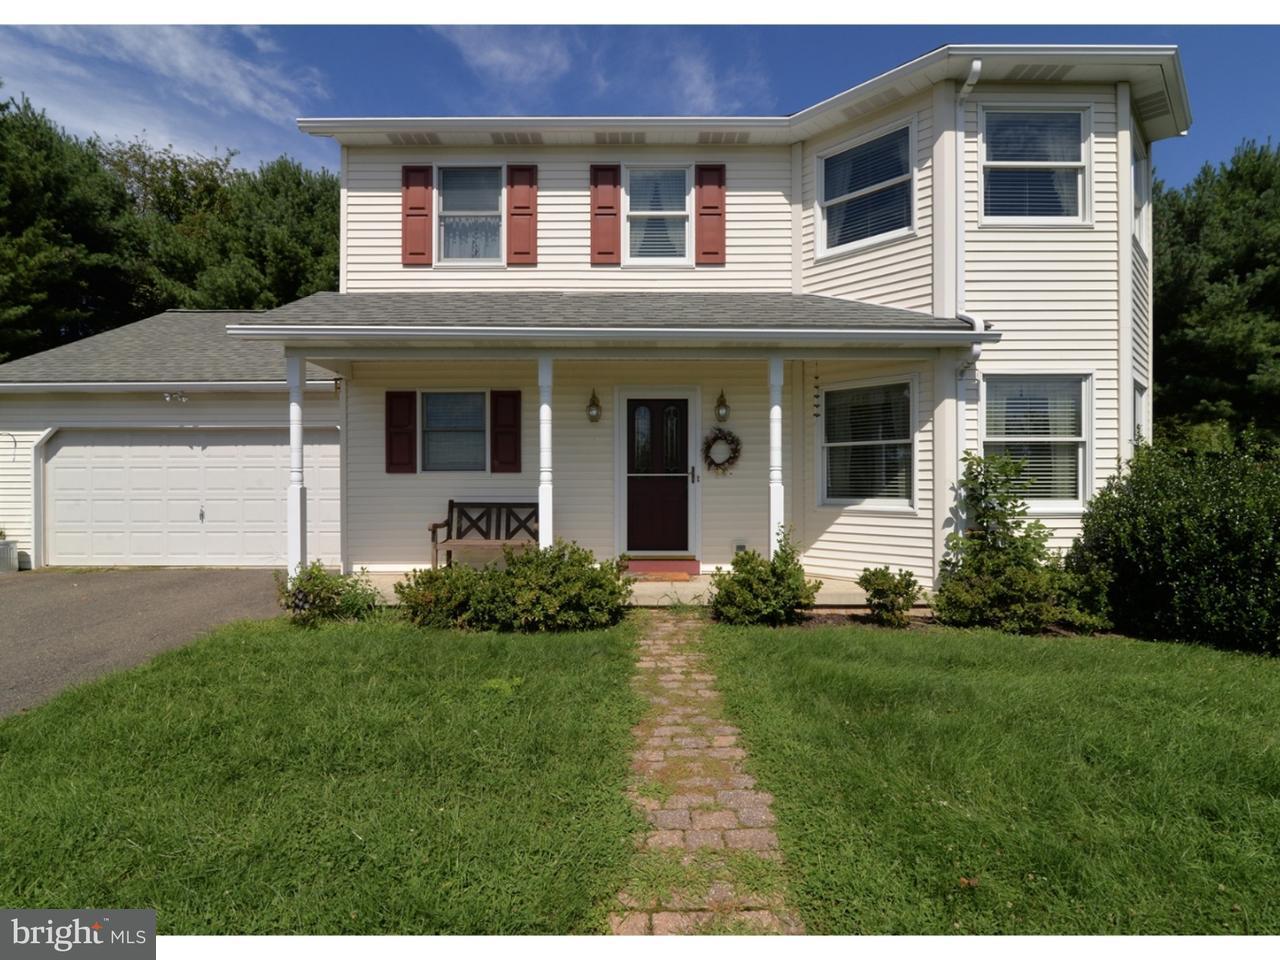 独户住宅 为 销售 在 2005 EVERGREEN Drive Tamaqua, 宾夕法尼亚州 18252 美国